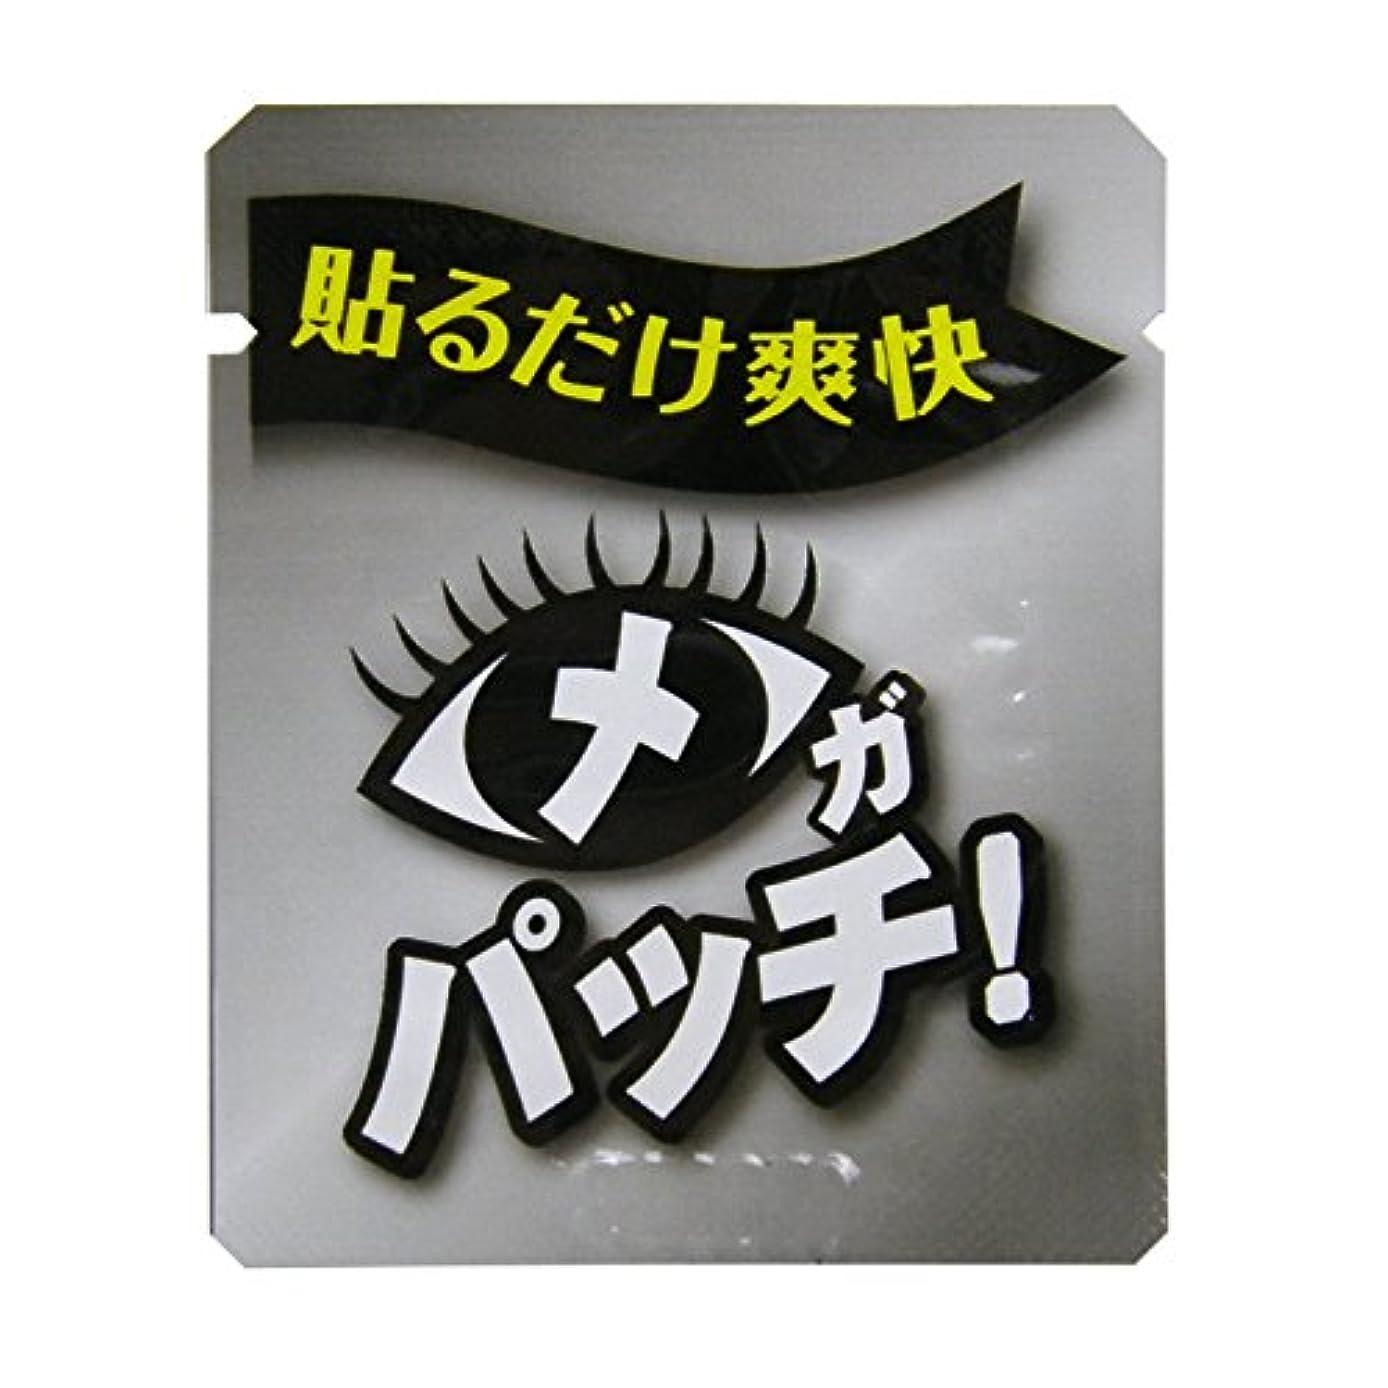 ソフィートイレ協力するメガパッチ お試し用 1枚 【実質無料サンプルストア対象】